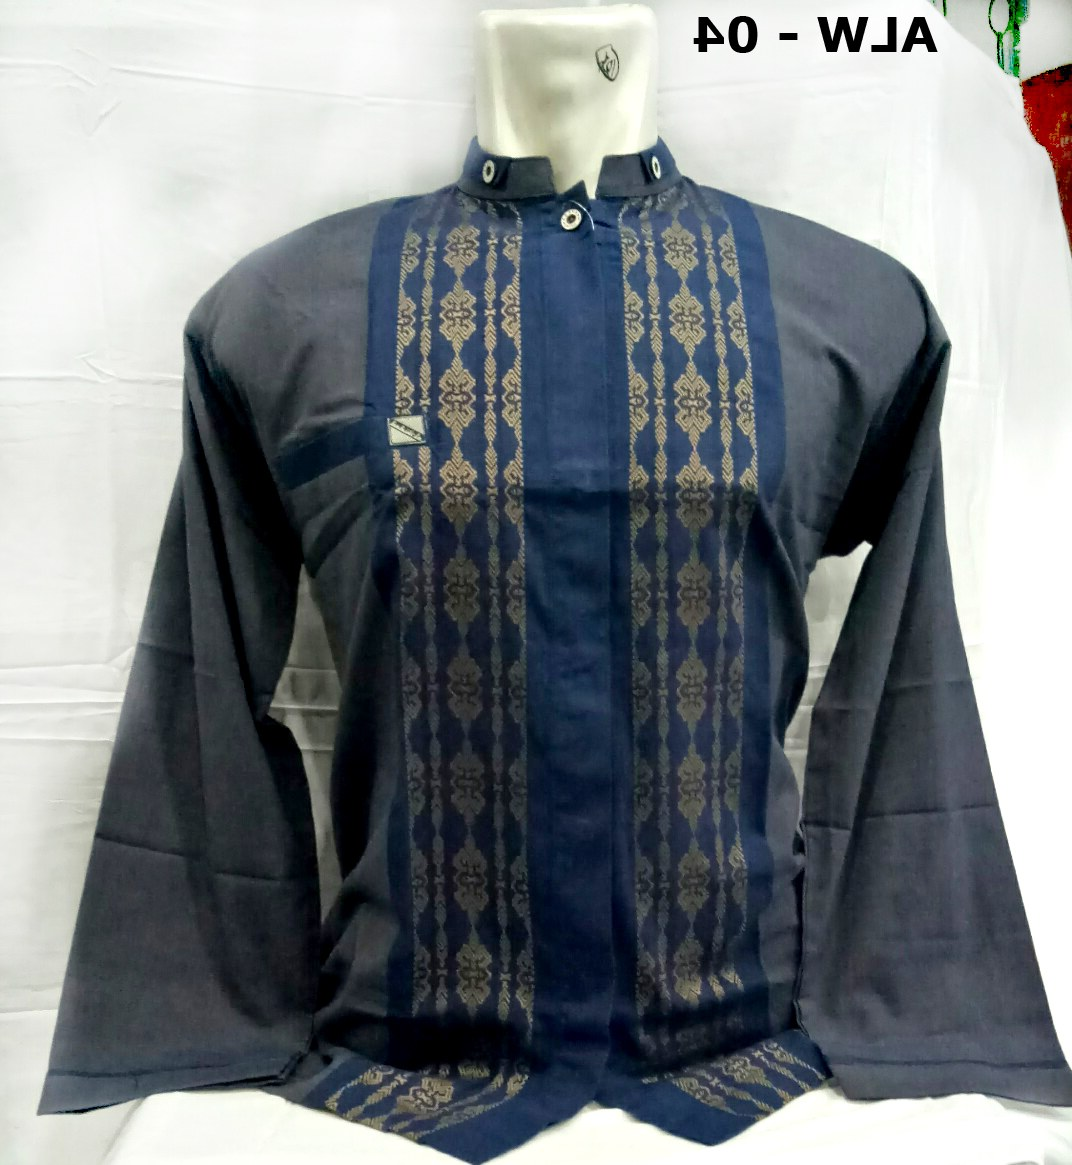 Design Baju Lebaran Pria 2018 Q5df Gambar Baju Muslim Pria Baju Koko Lengan Panjang Model